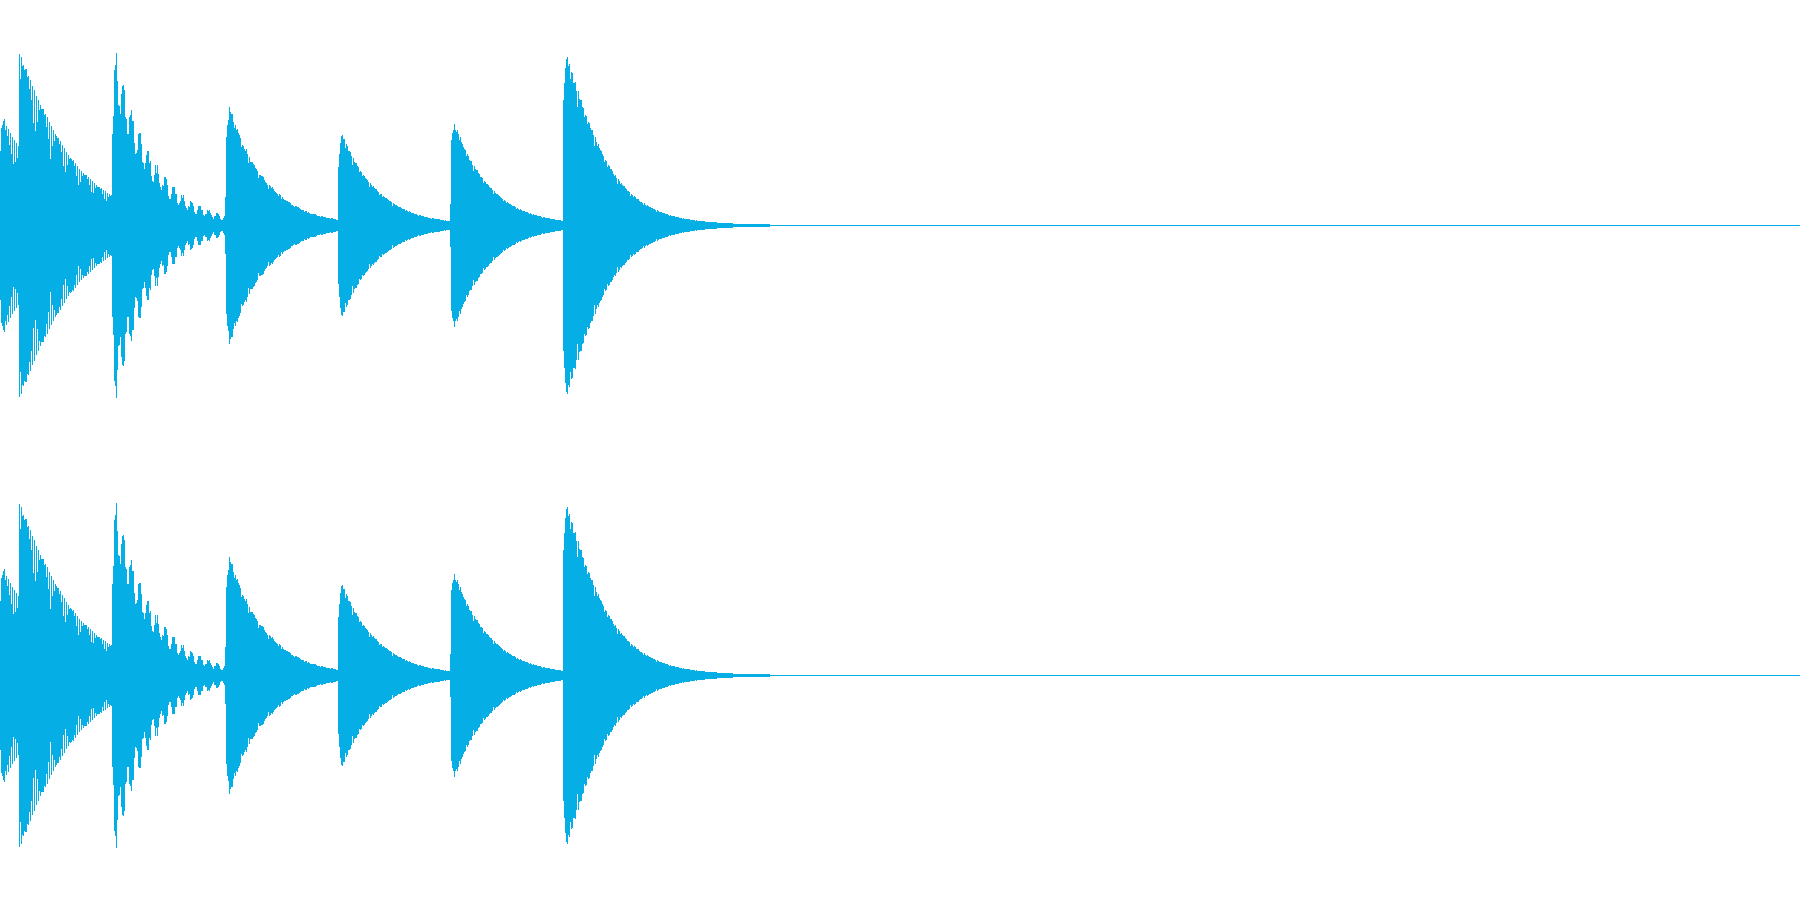 アイキャッチ/システム音/エラー音/2の再生済みの波形